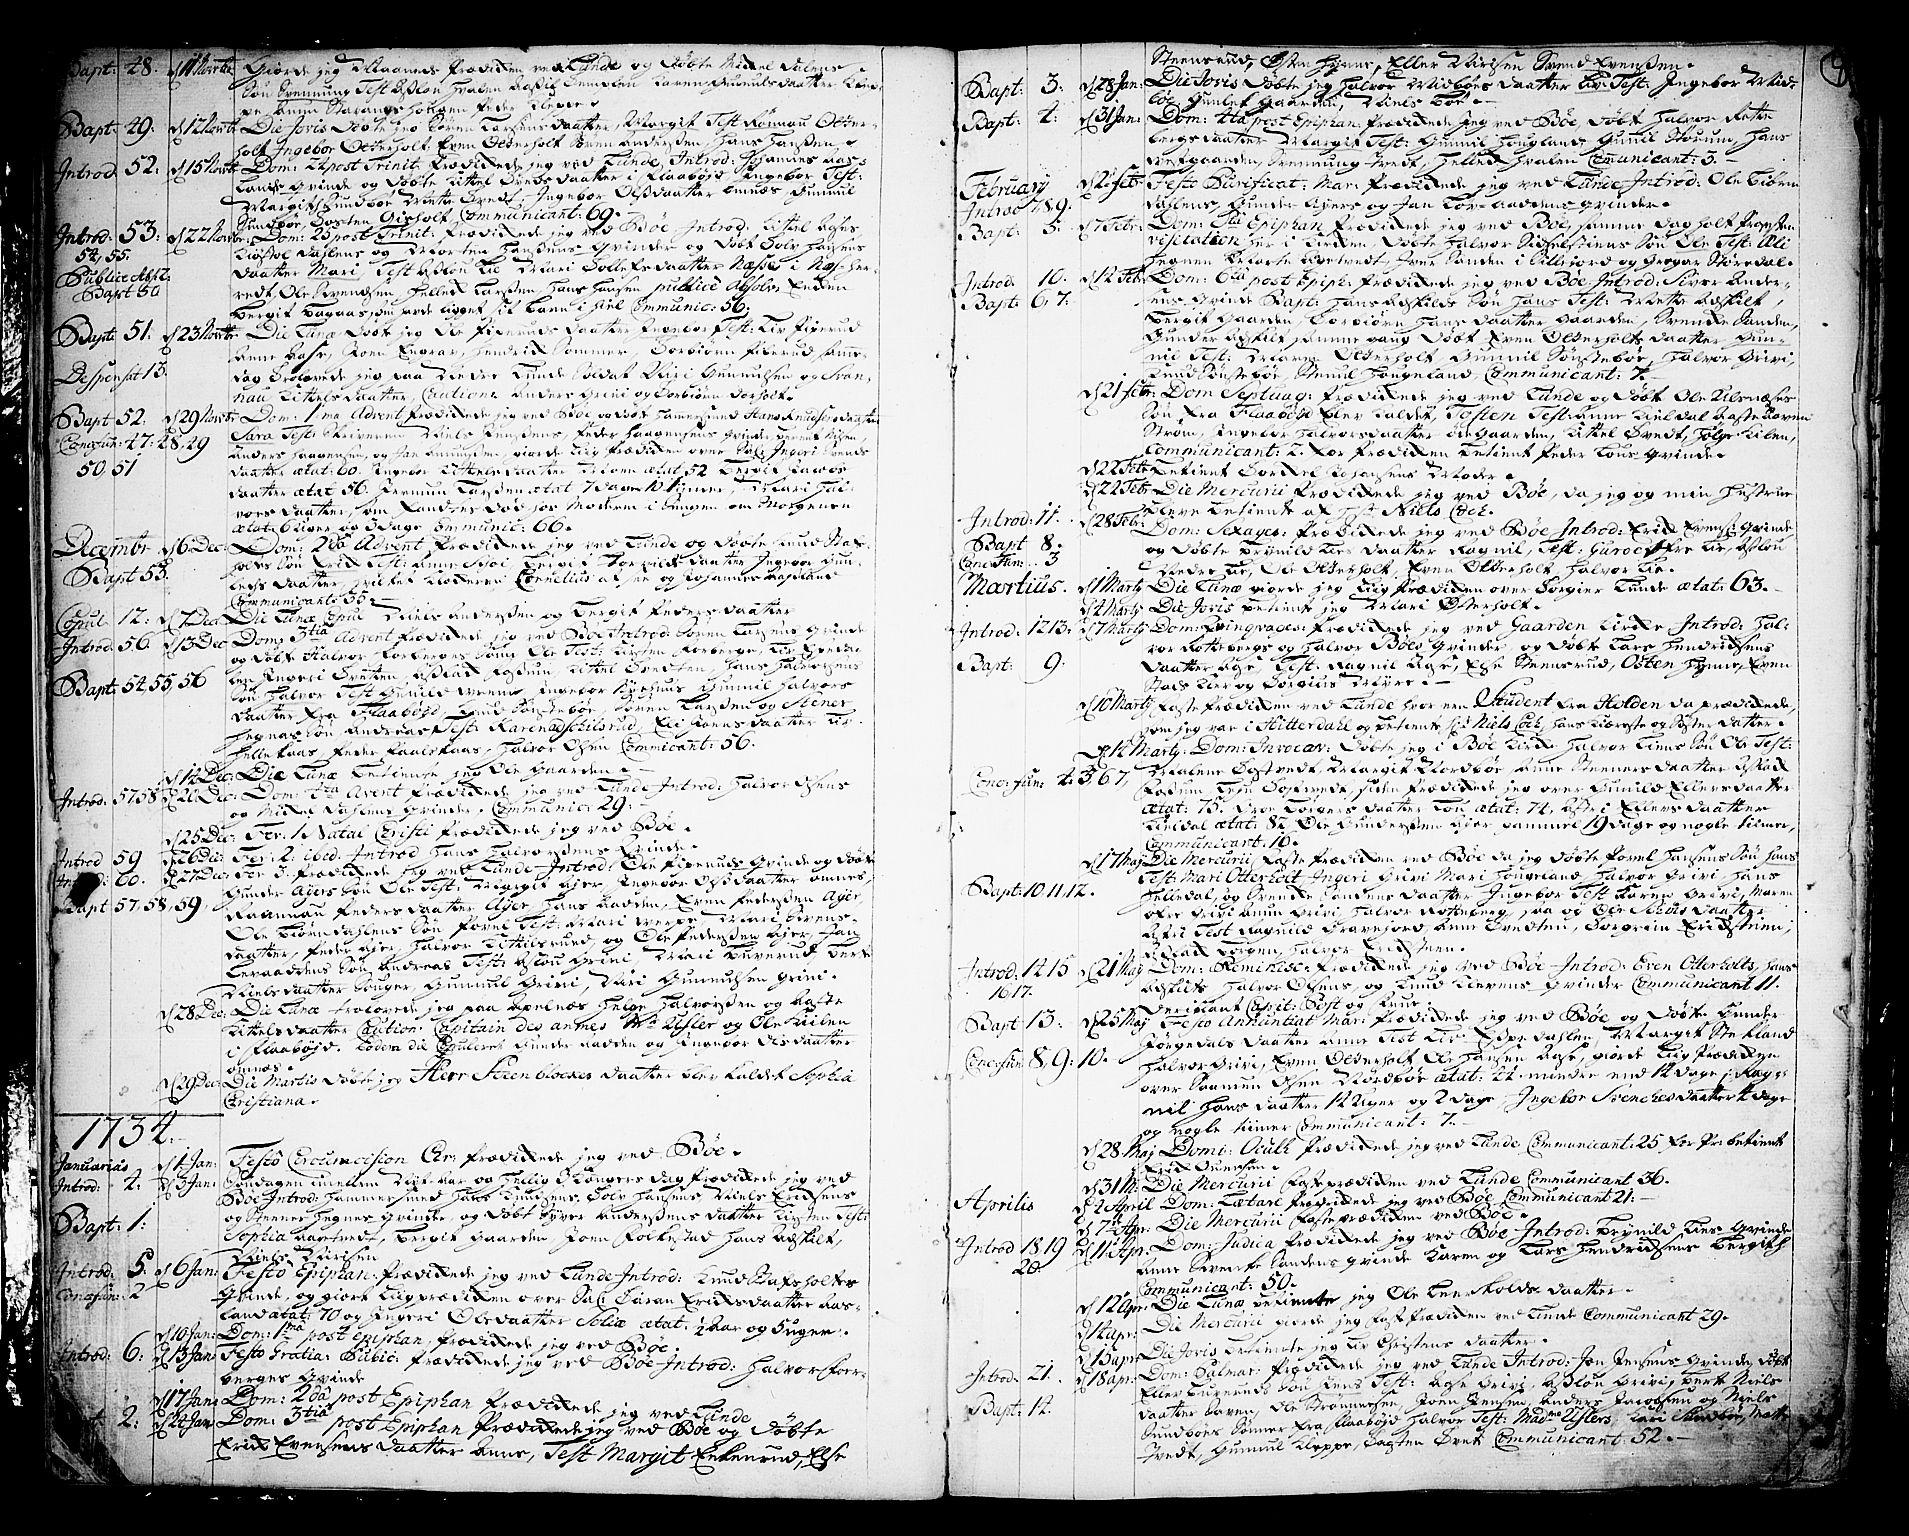 SAKO, Bø kirkebøker, F/Fa/L0003: Ministerialbok nr. 3, 1733-1748, s. 4